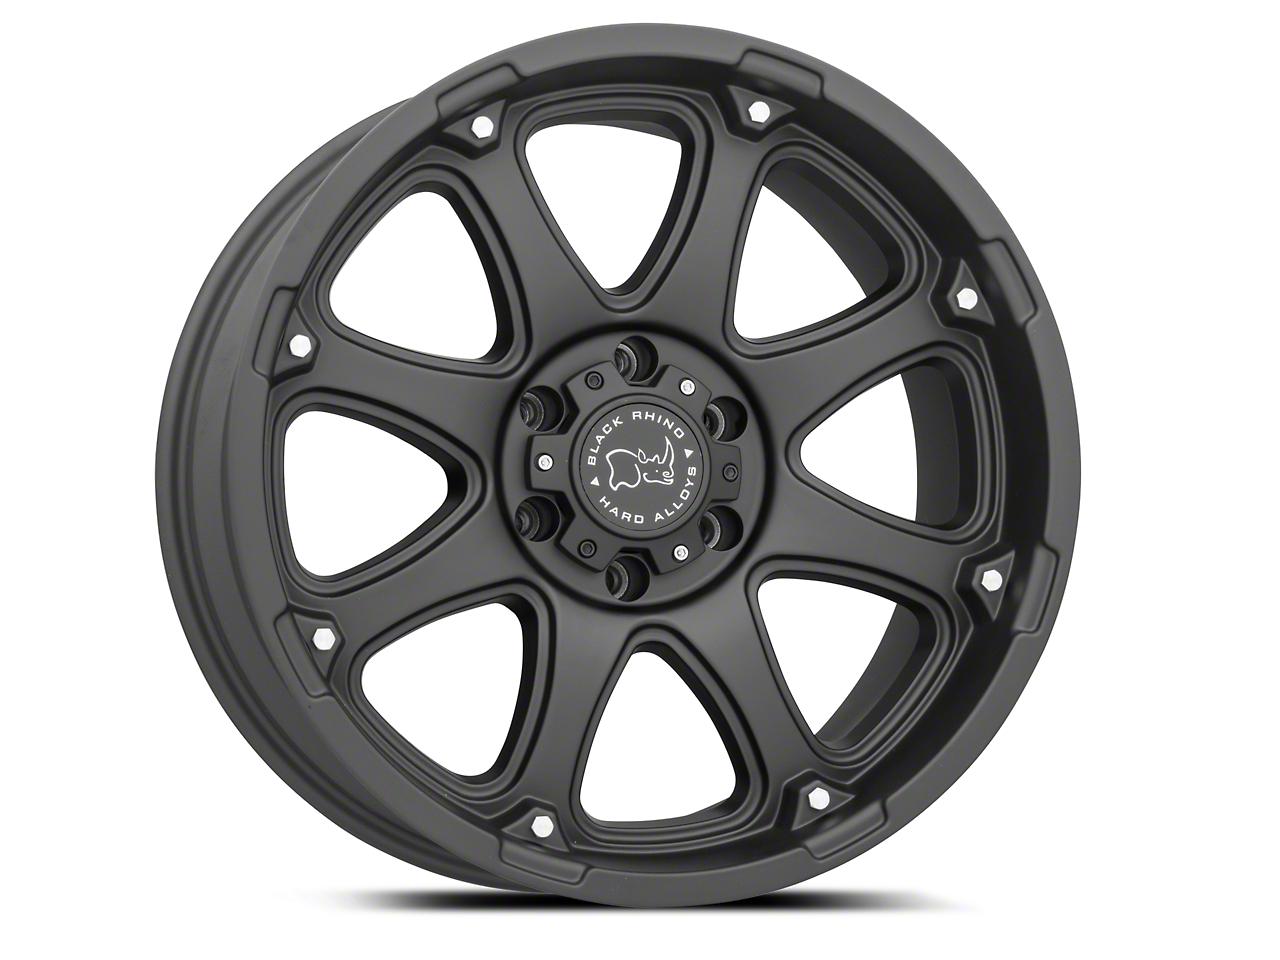 Black Rhino Glamis Matte Black 6-Lug Wheel - 20x9 (99-18 Silverado 1500)